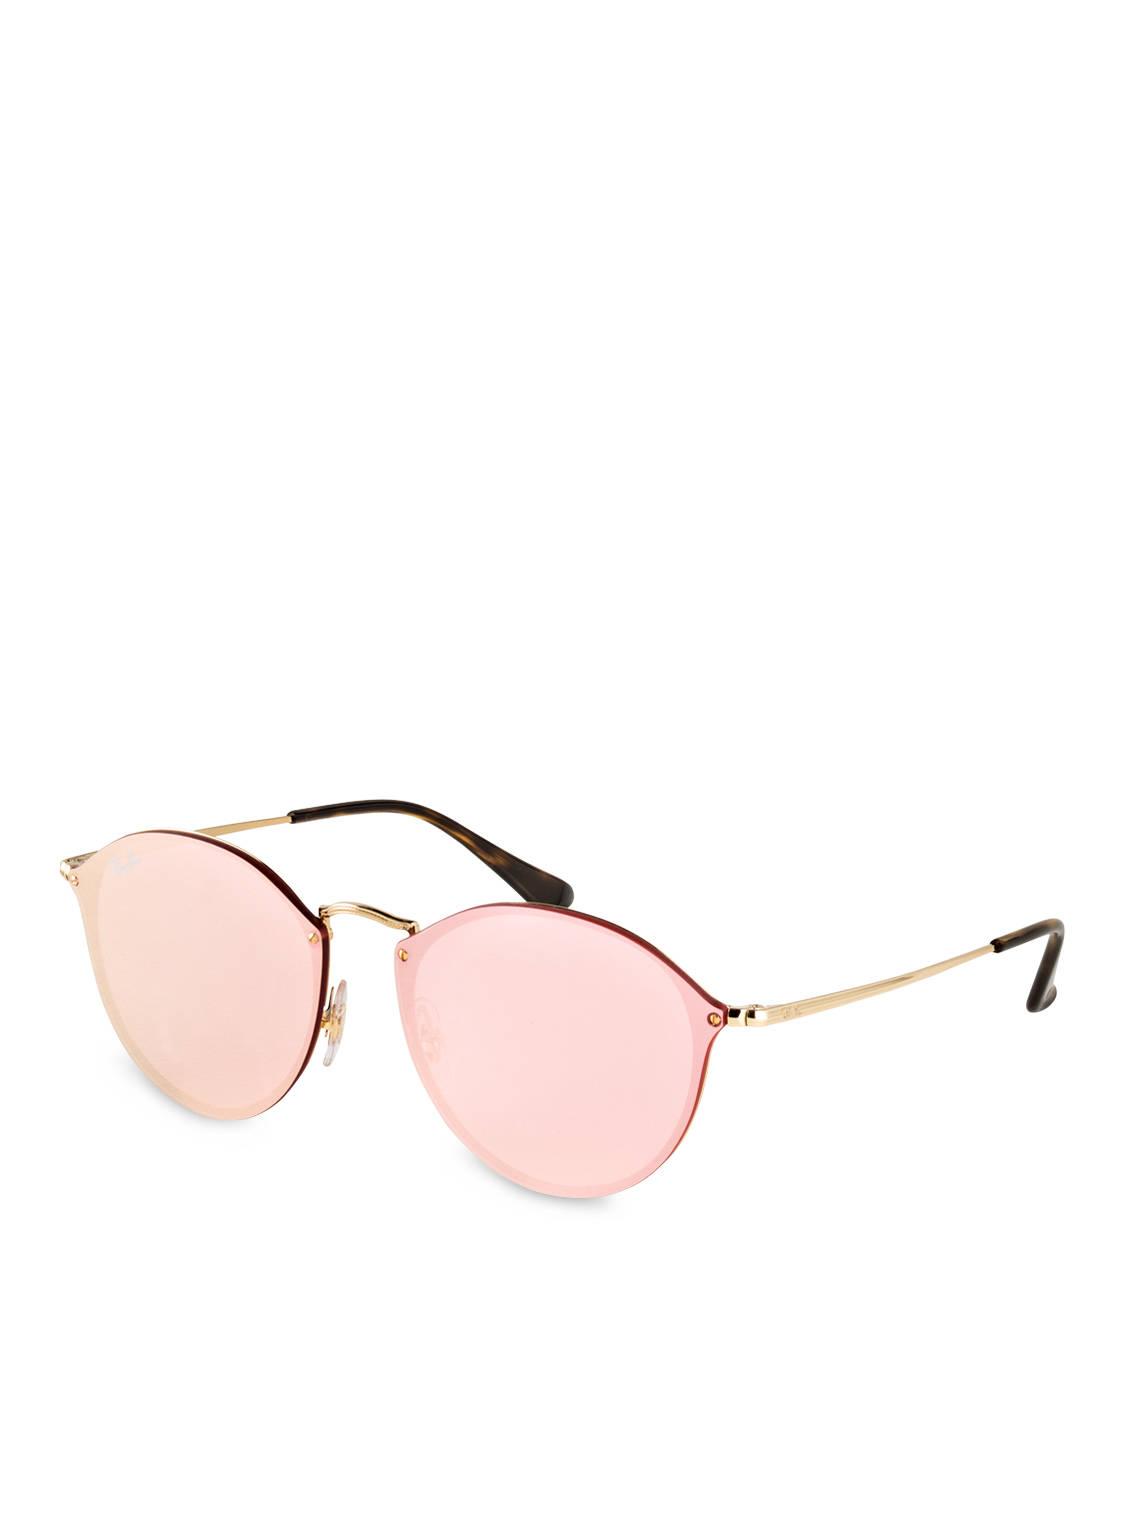 Sonnenbrille RB3574N von Ray-Ban bei Breuninger kaufen